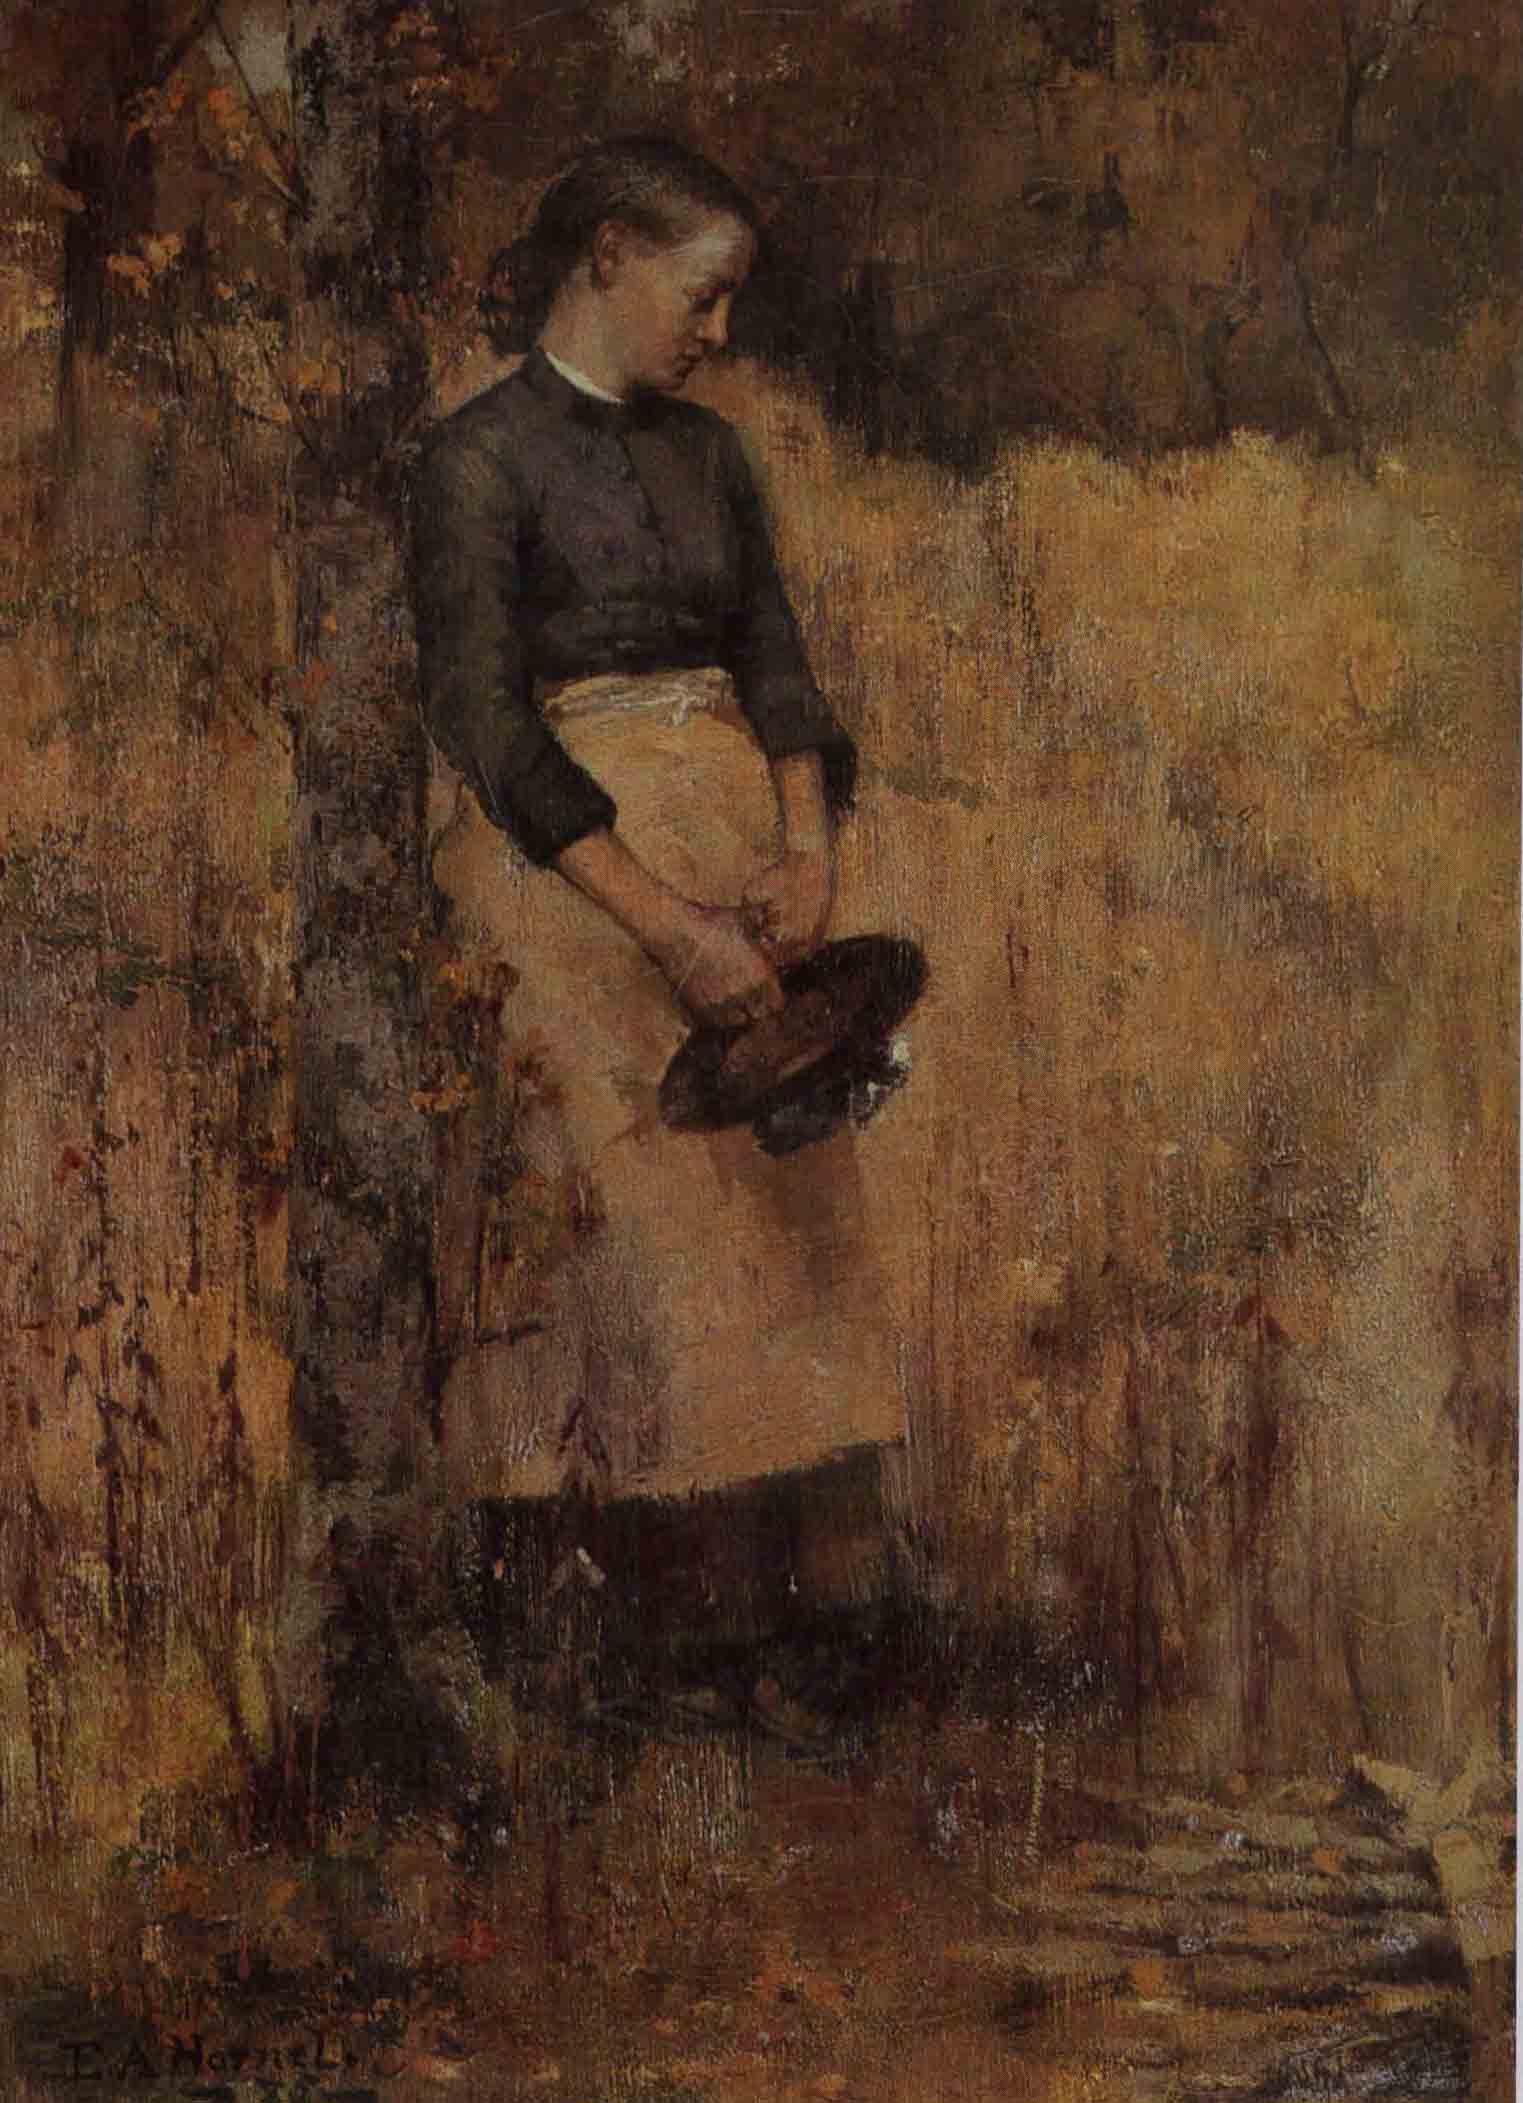 Hornel - Resting - 1885_LoRes.jpg